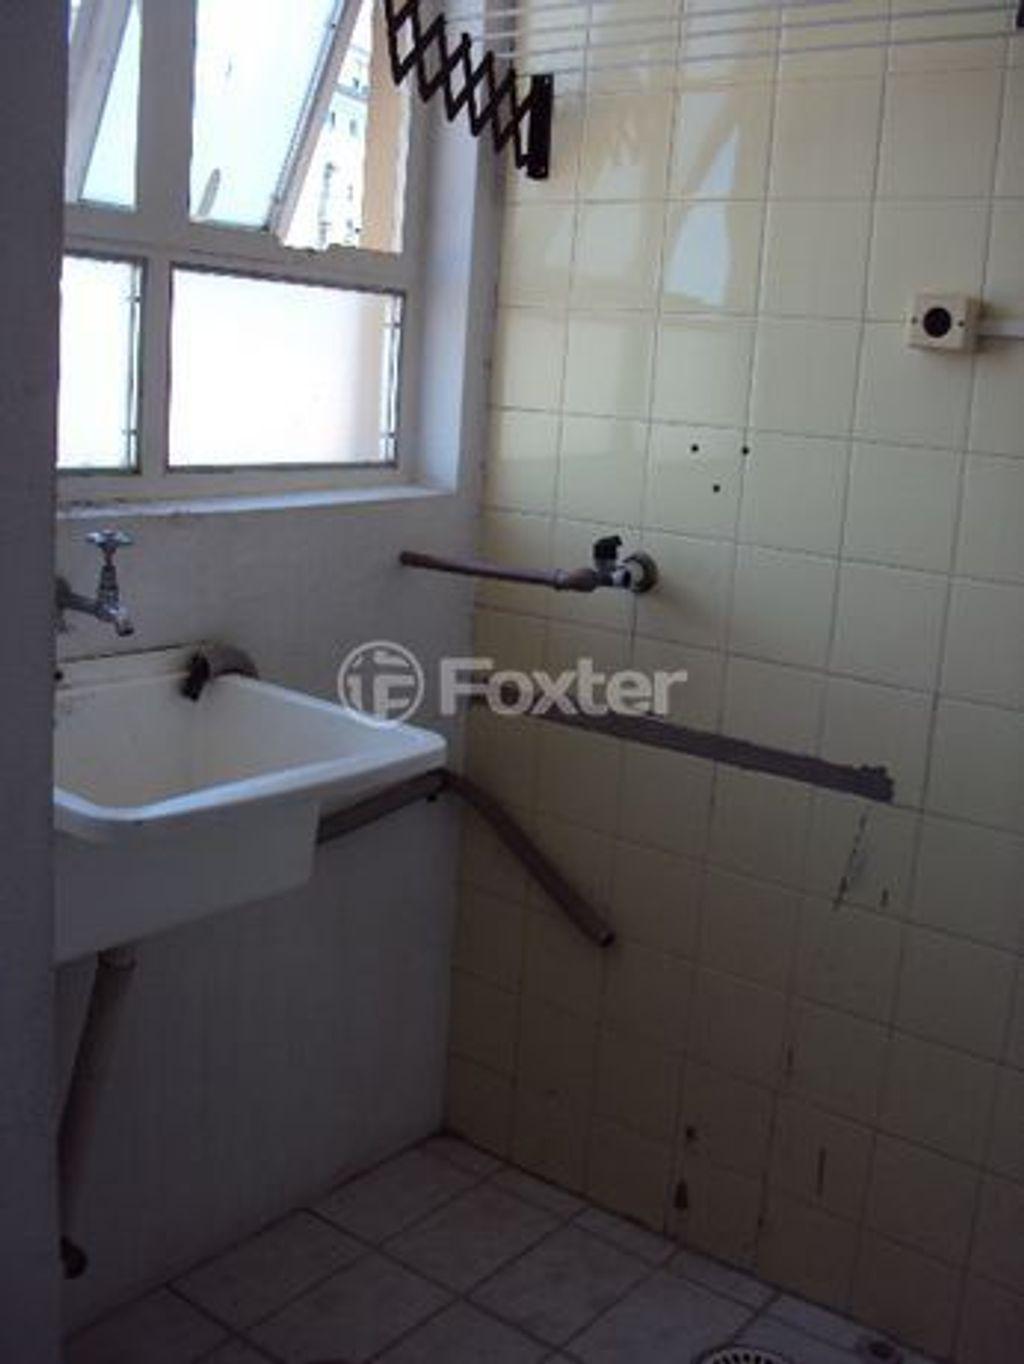 Foxter Imobiliária - Apto 1 Dorm, Azenha (134511) - Foto 9